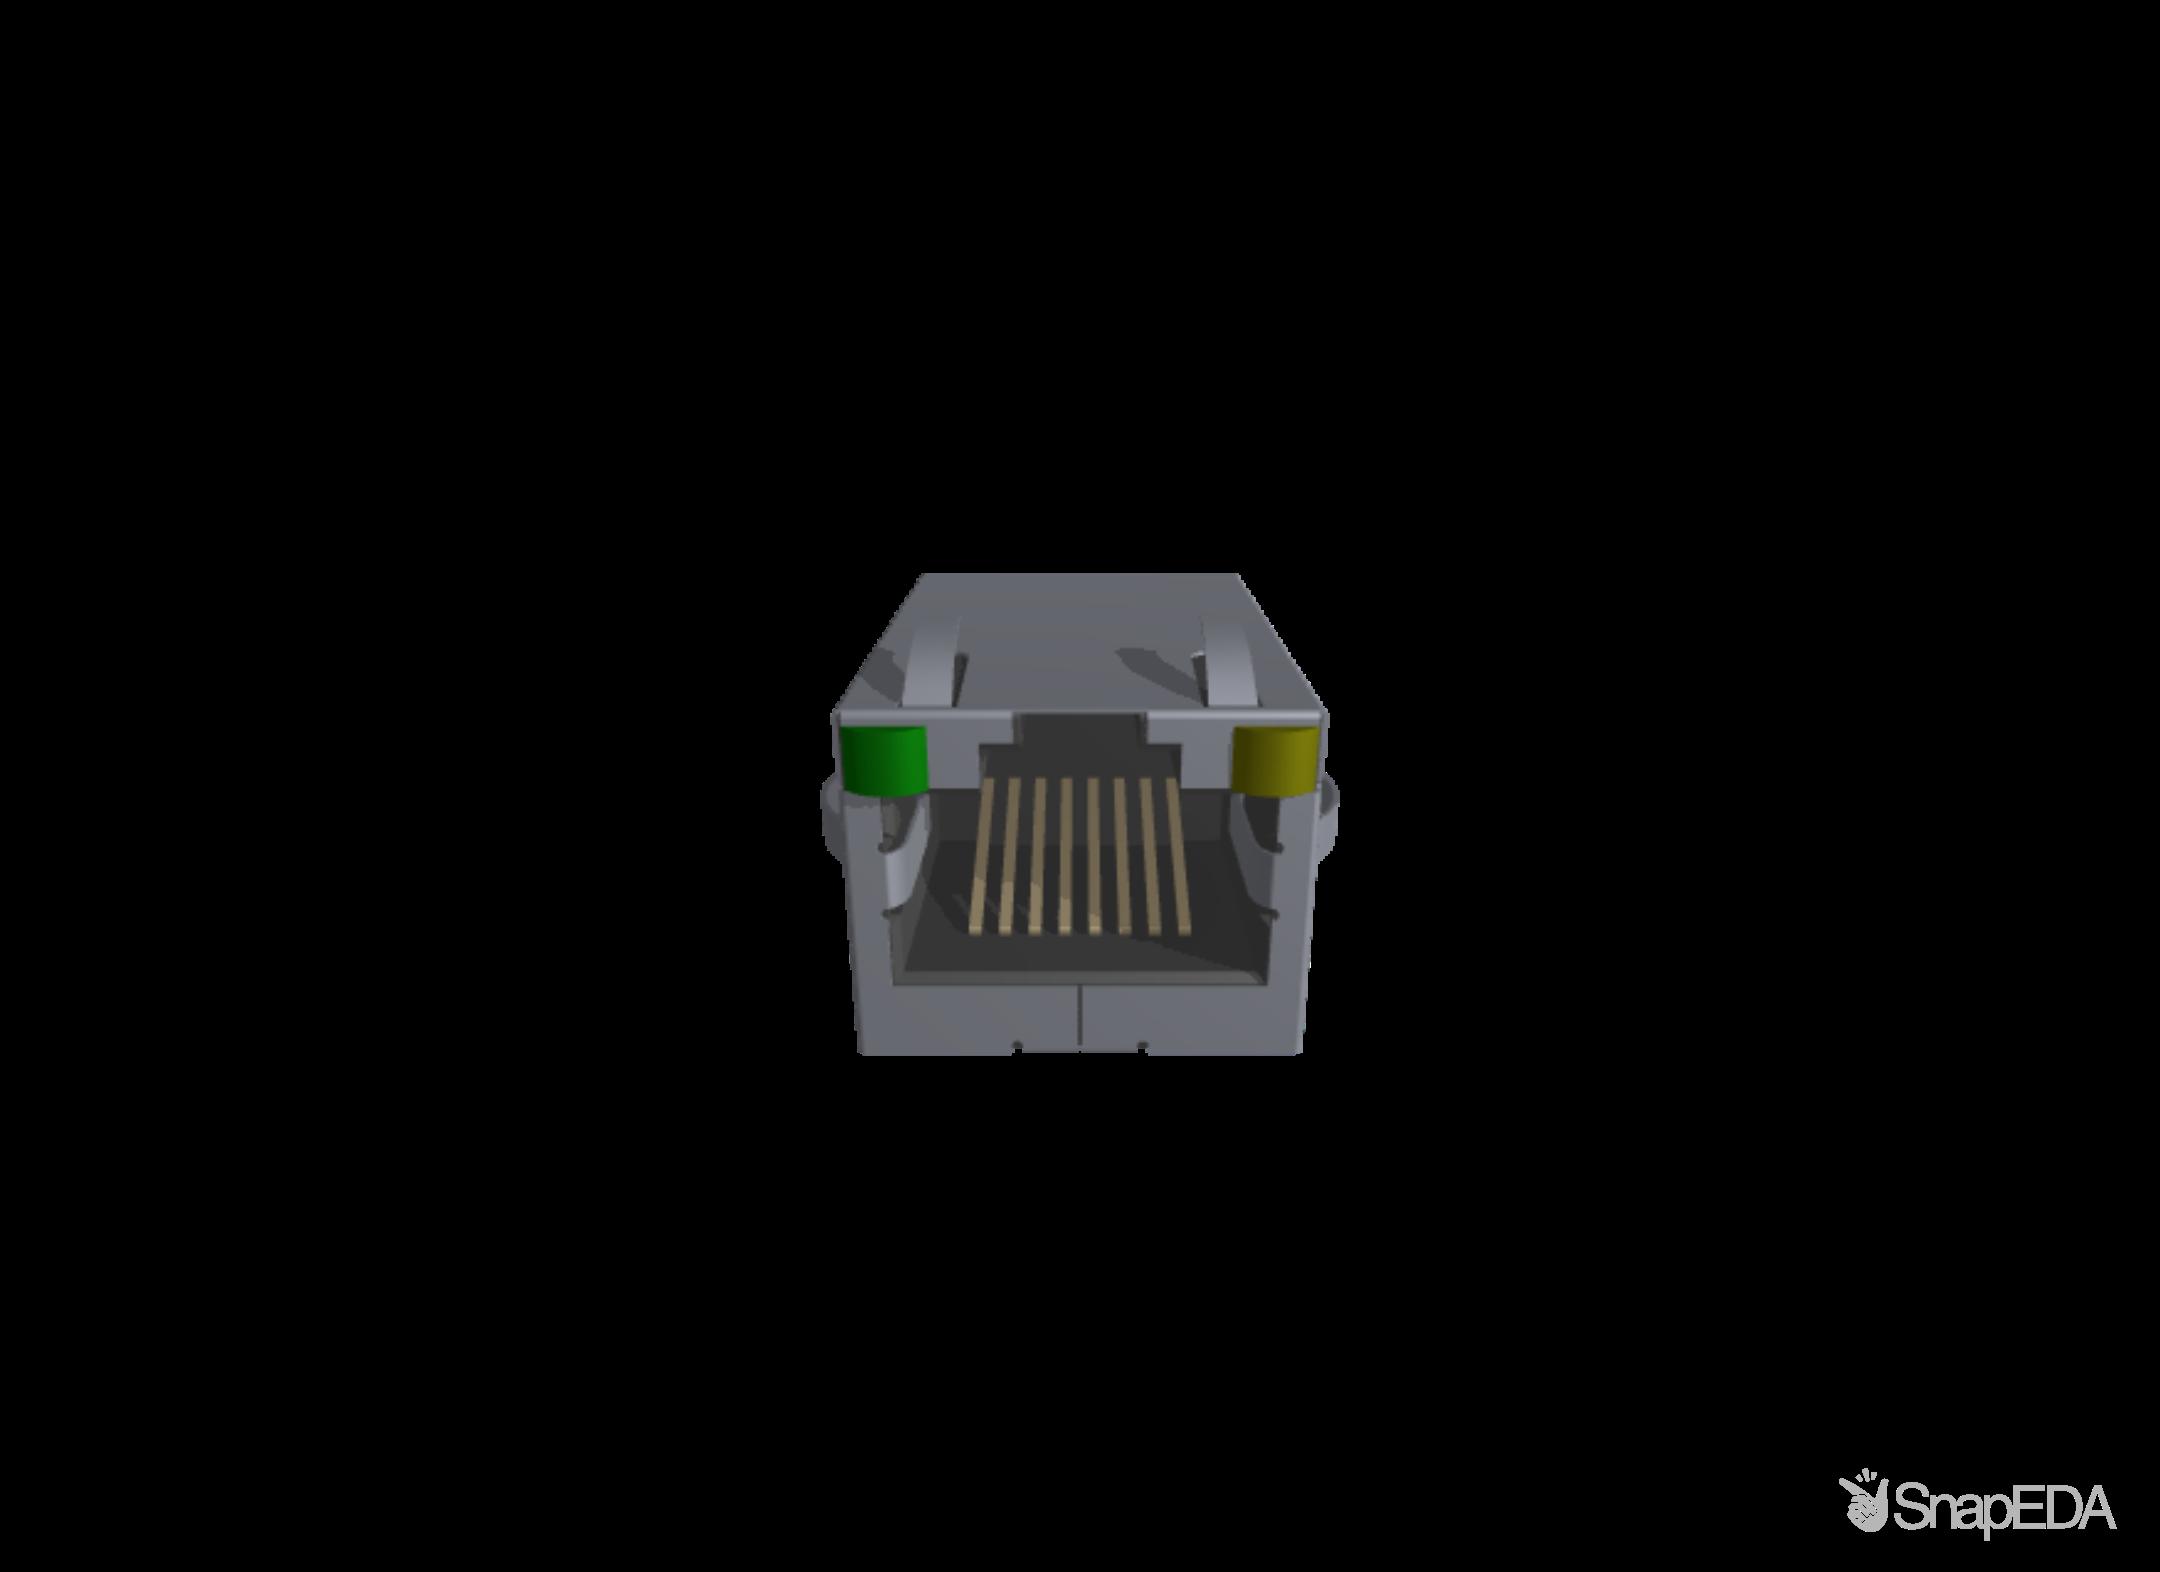 08B0-1X1T-36-F 3D Model